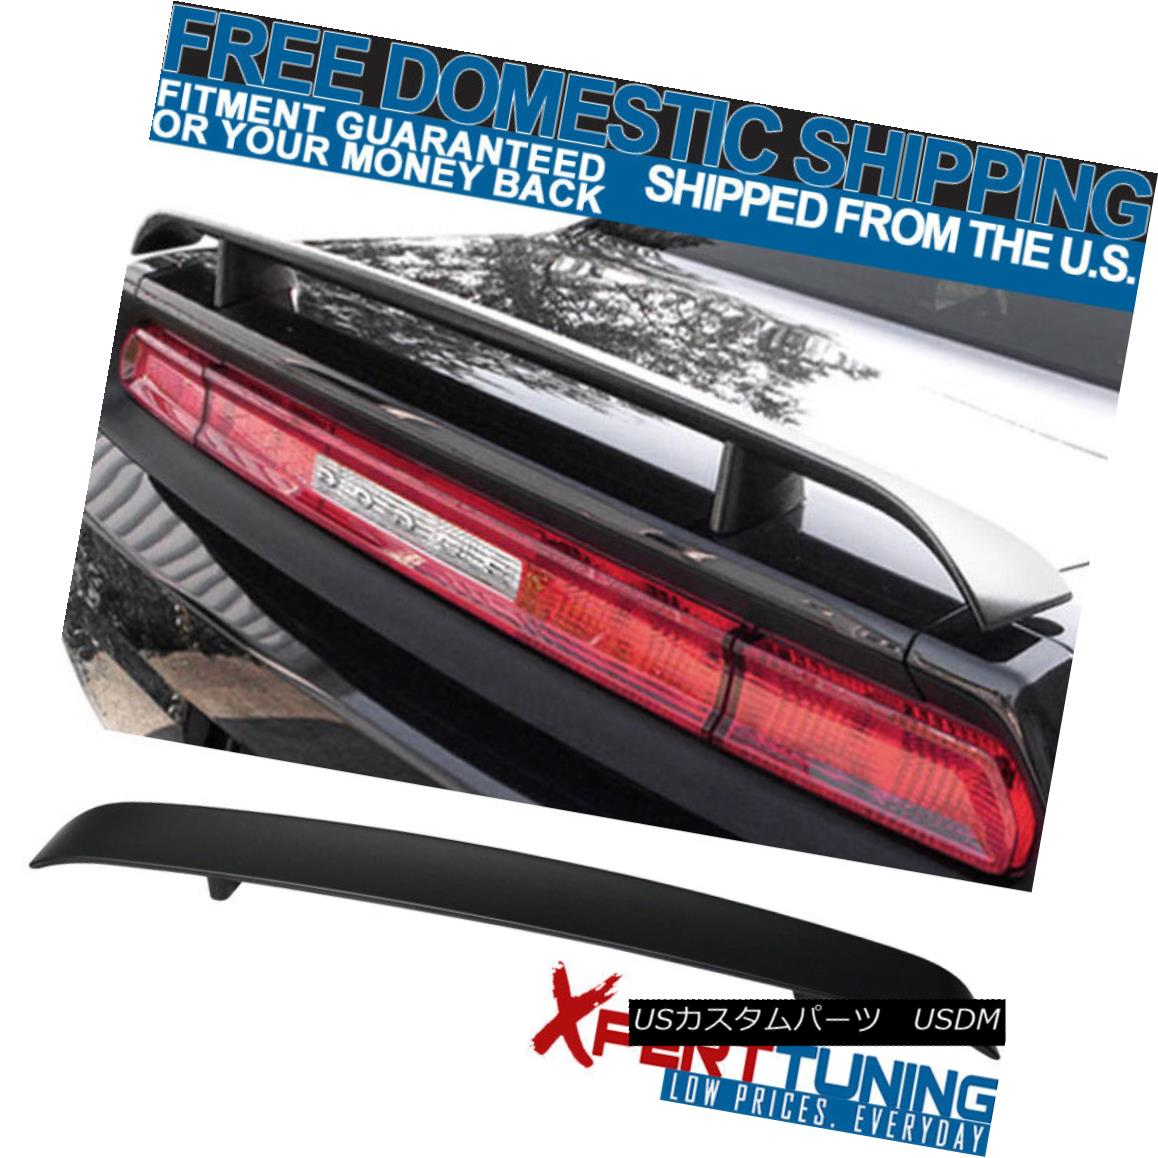 エアロパーツ 2008-2014 Dodge Challenger ABS Rear Trunk Lip Spoiler Wing OE Style Lid 2008-2014ダッジチャレンジャーABSリアトランクリップスポイラーウイングOEスタイルリッド